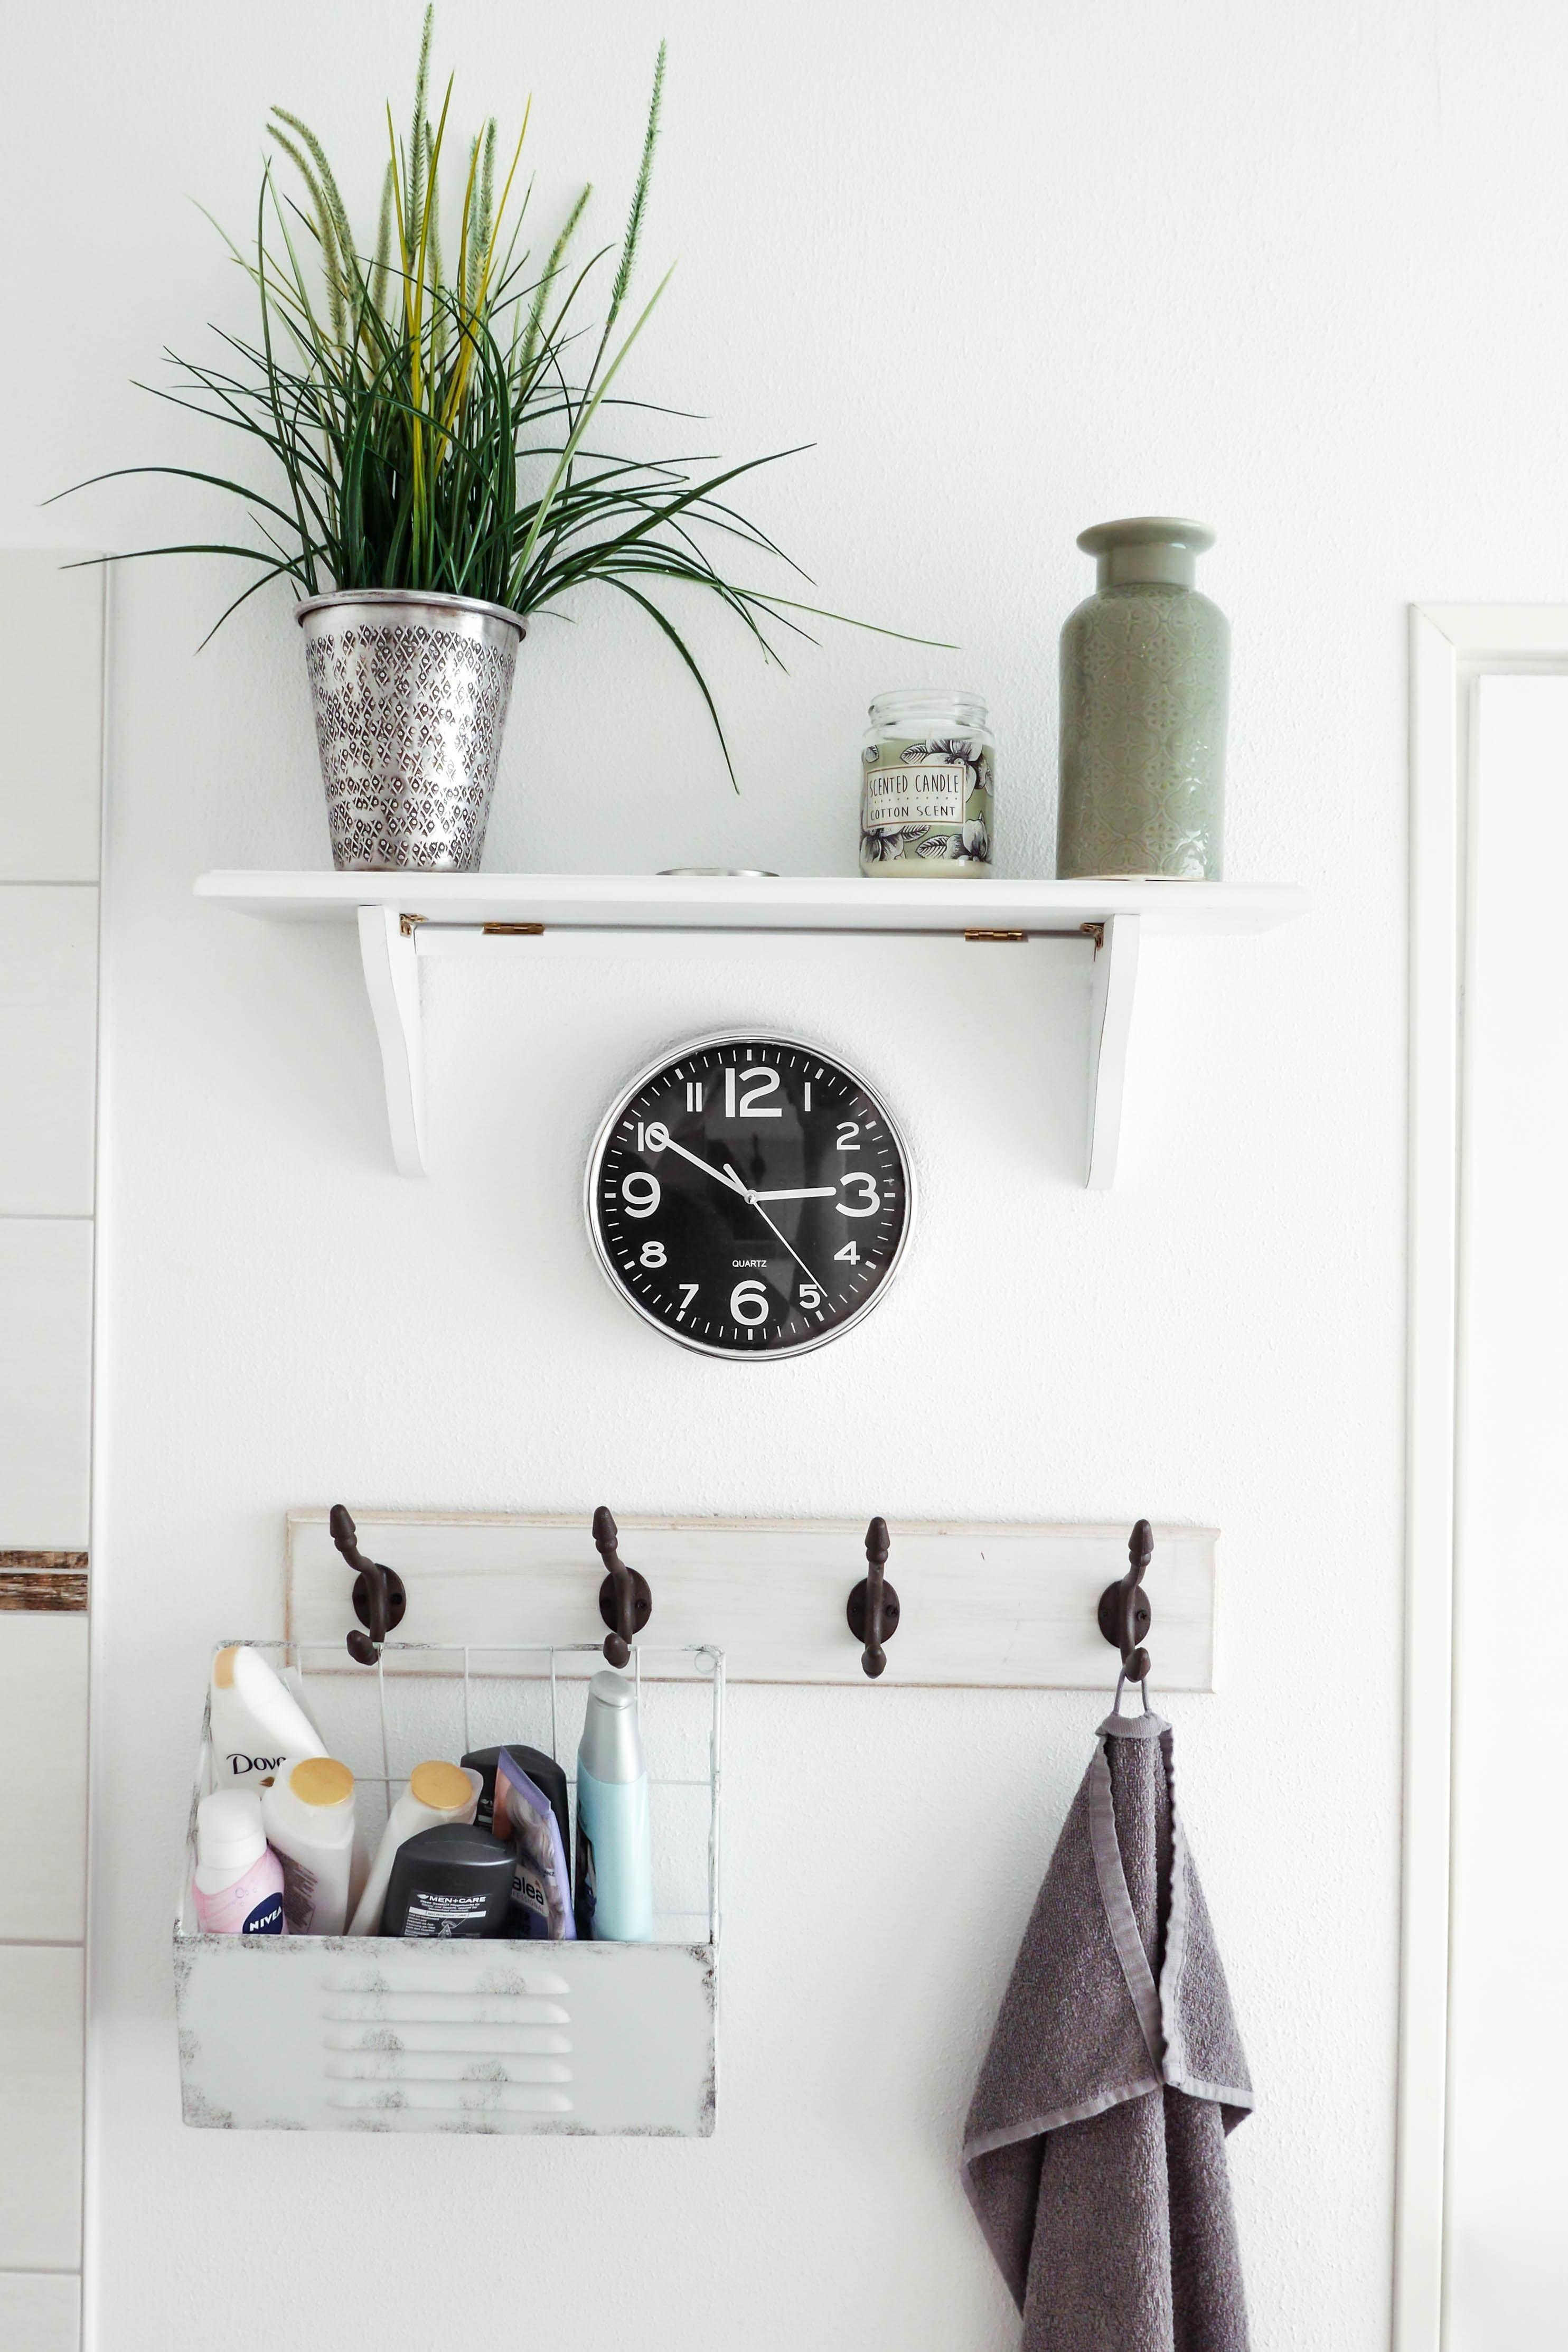 round white analog clock at 3:50